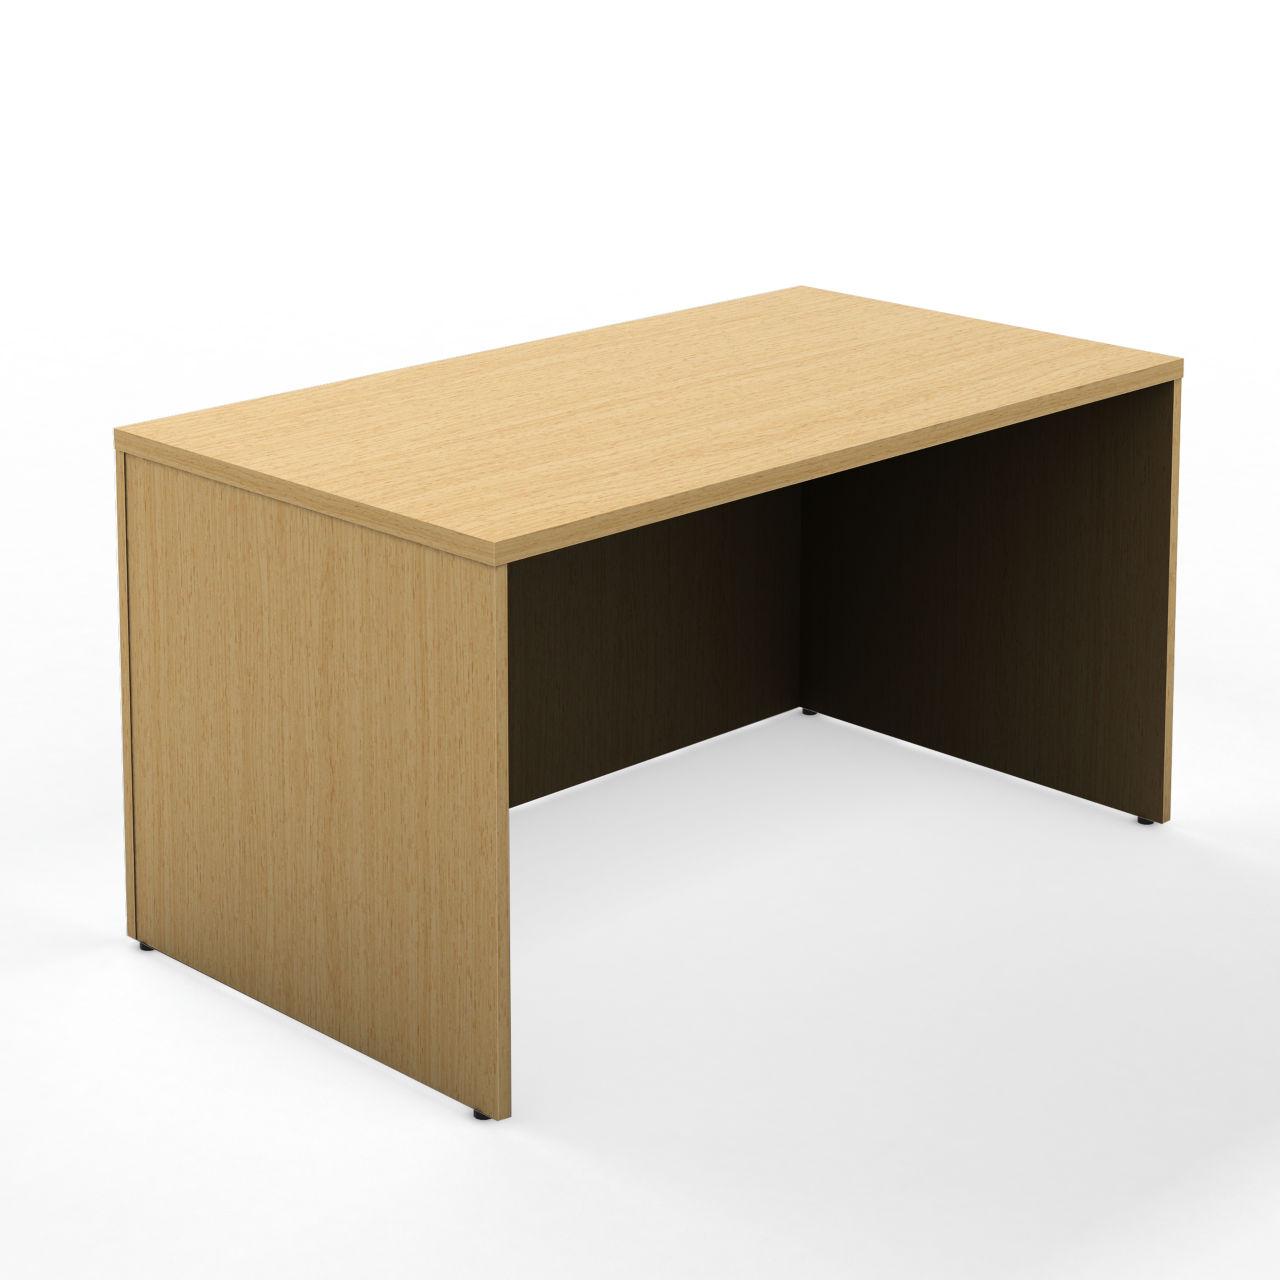 Currency 48 Rectangle Desk in Warm Oak 24 in by Steelcase